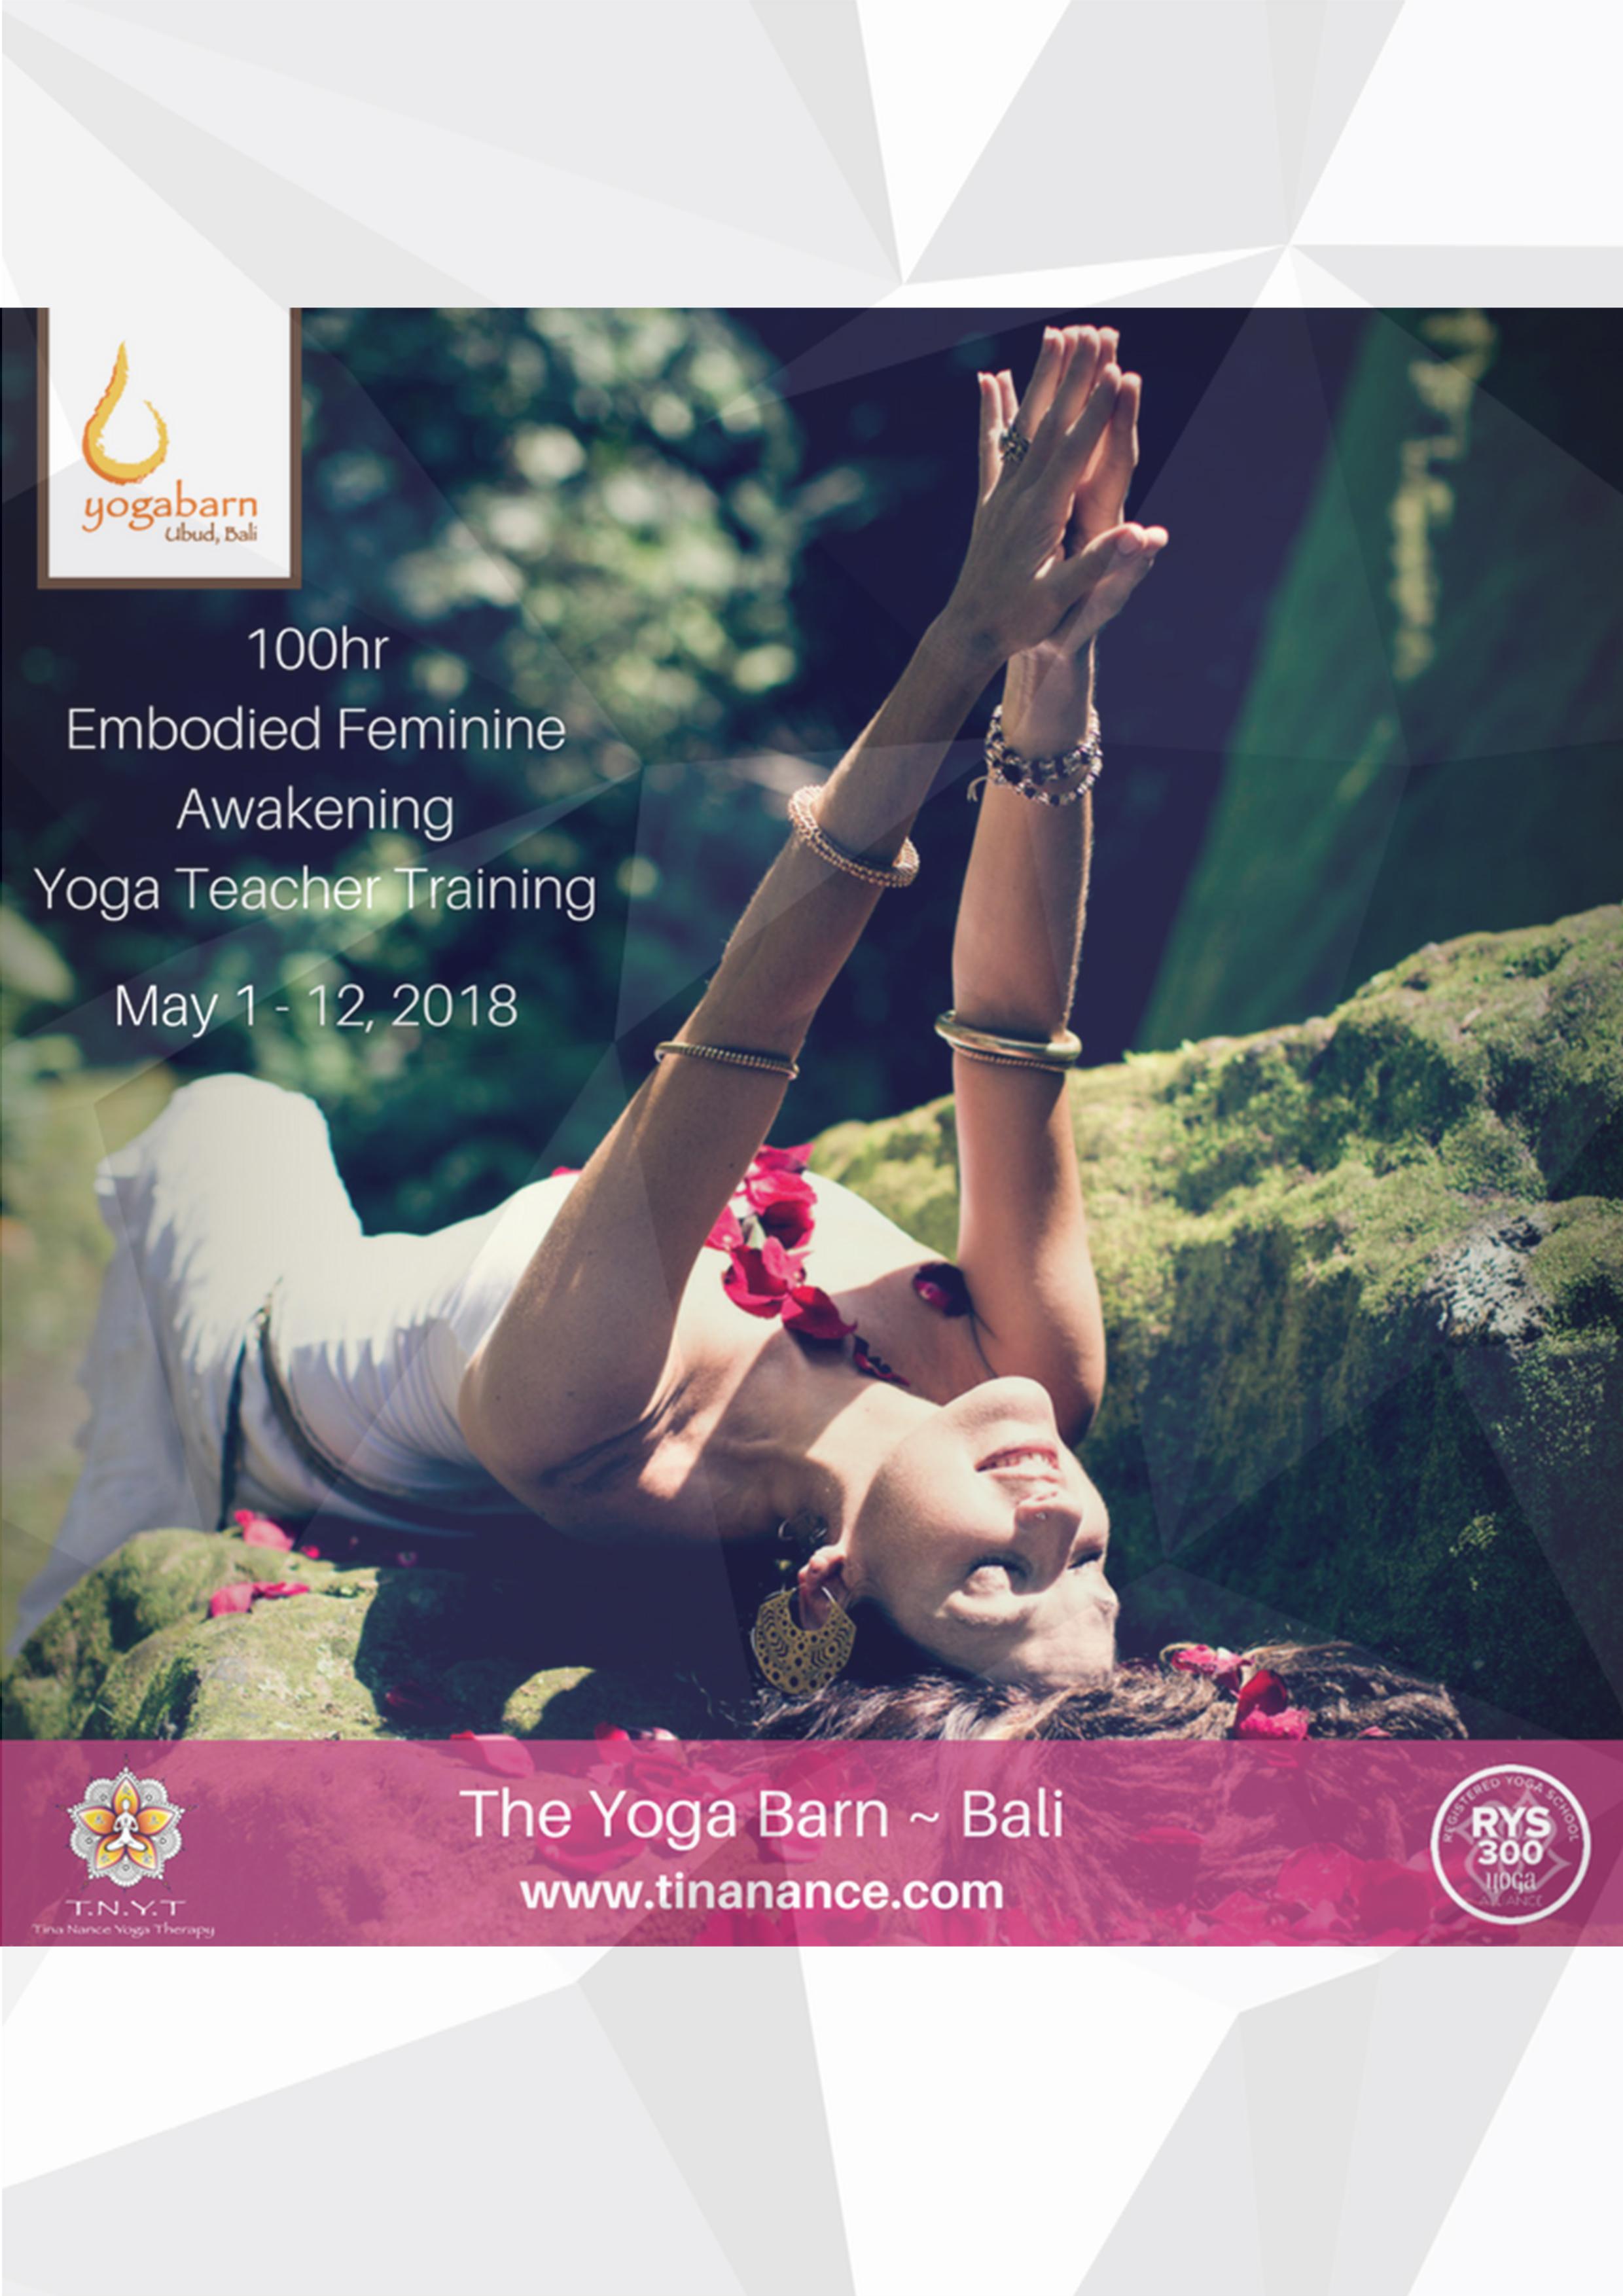 100-Hour Embodied Feminine Awakening Yoga Teacher Training with Tina Nance